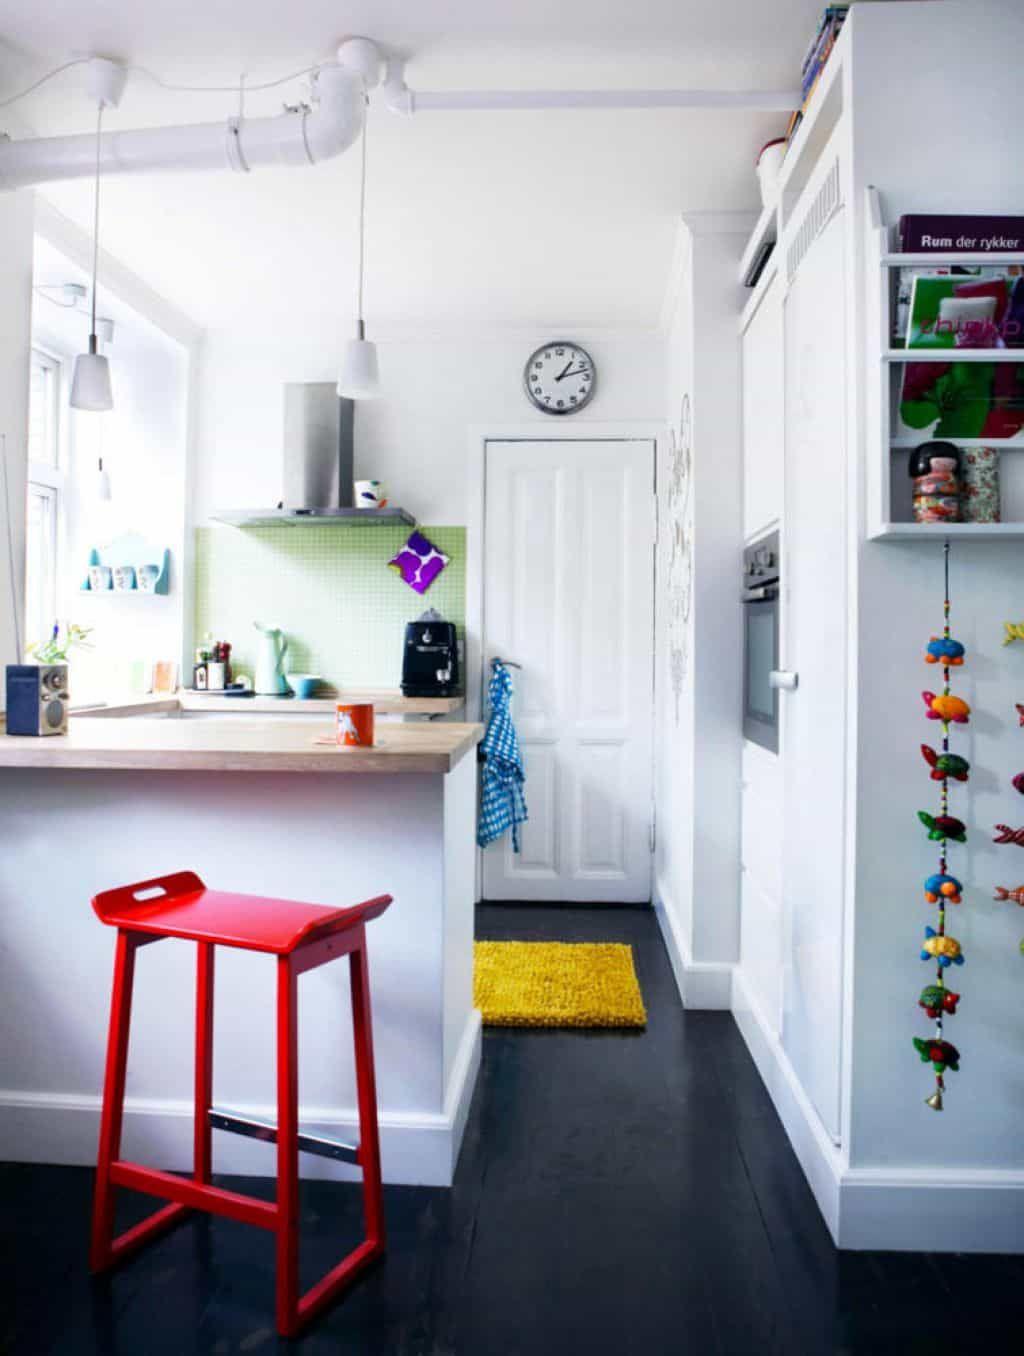 Fein Küche Designer Portland Maine Galerie - Küchenschrank Ideen ...